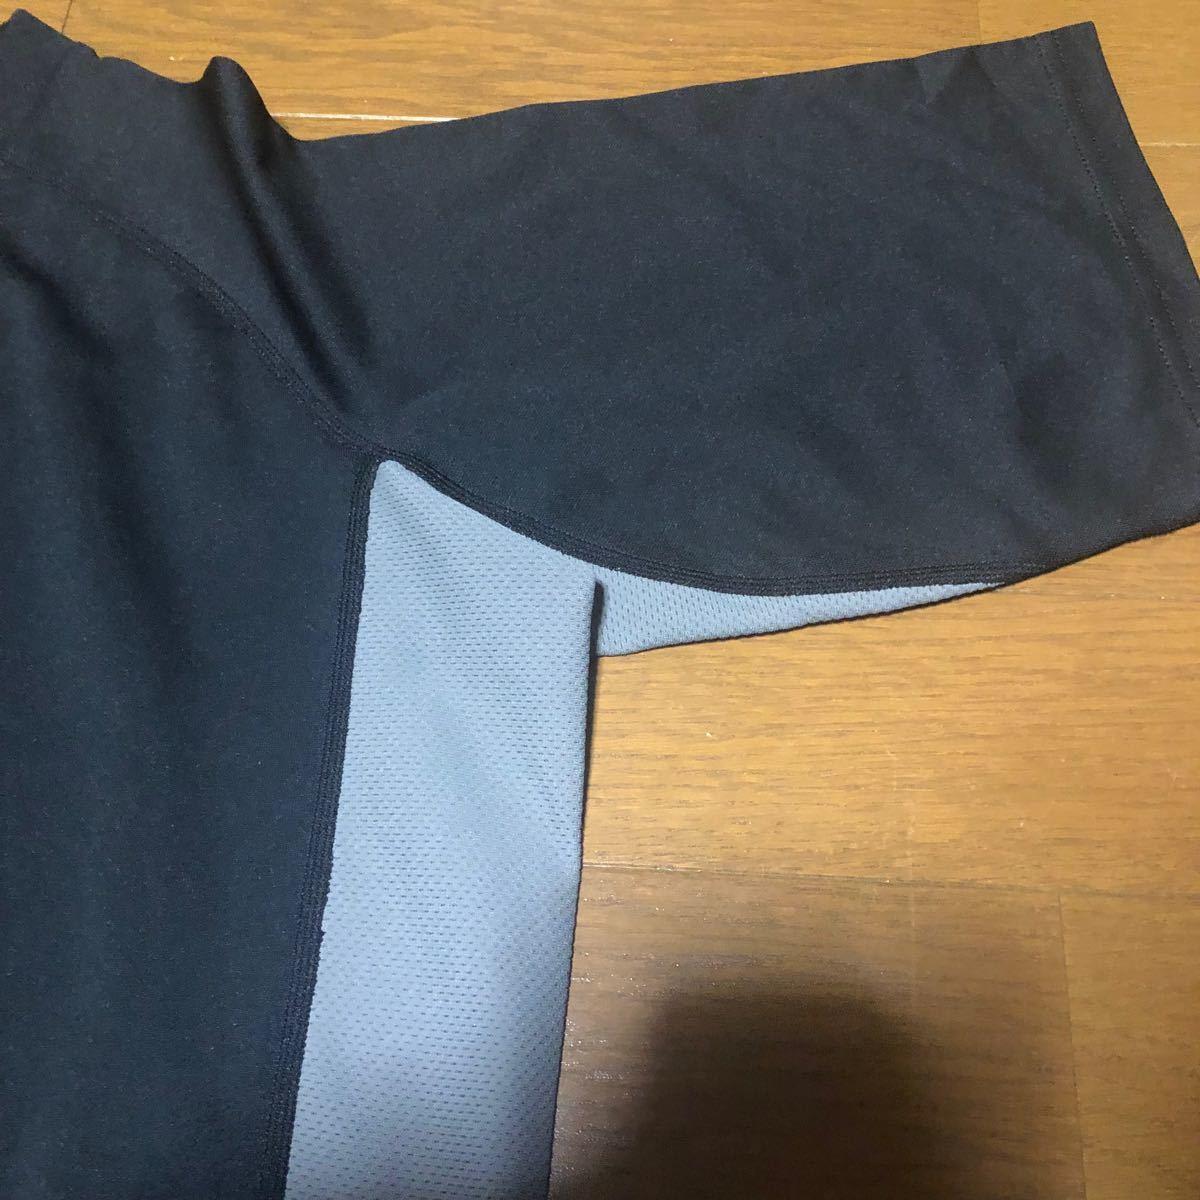 ★NIKE/ナイキ/刺繍/ラグラン/ワンポイント/ロゴ/切り替え/dryfit/ドライフィット/黒/シンプル/半袖/tシャツ